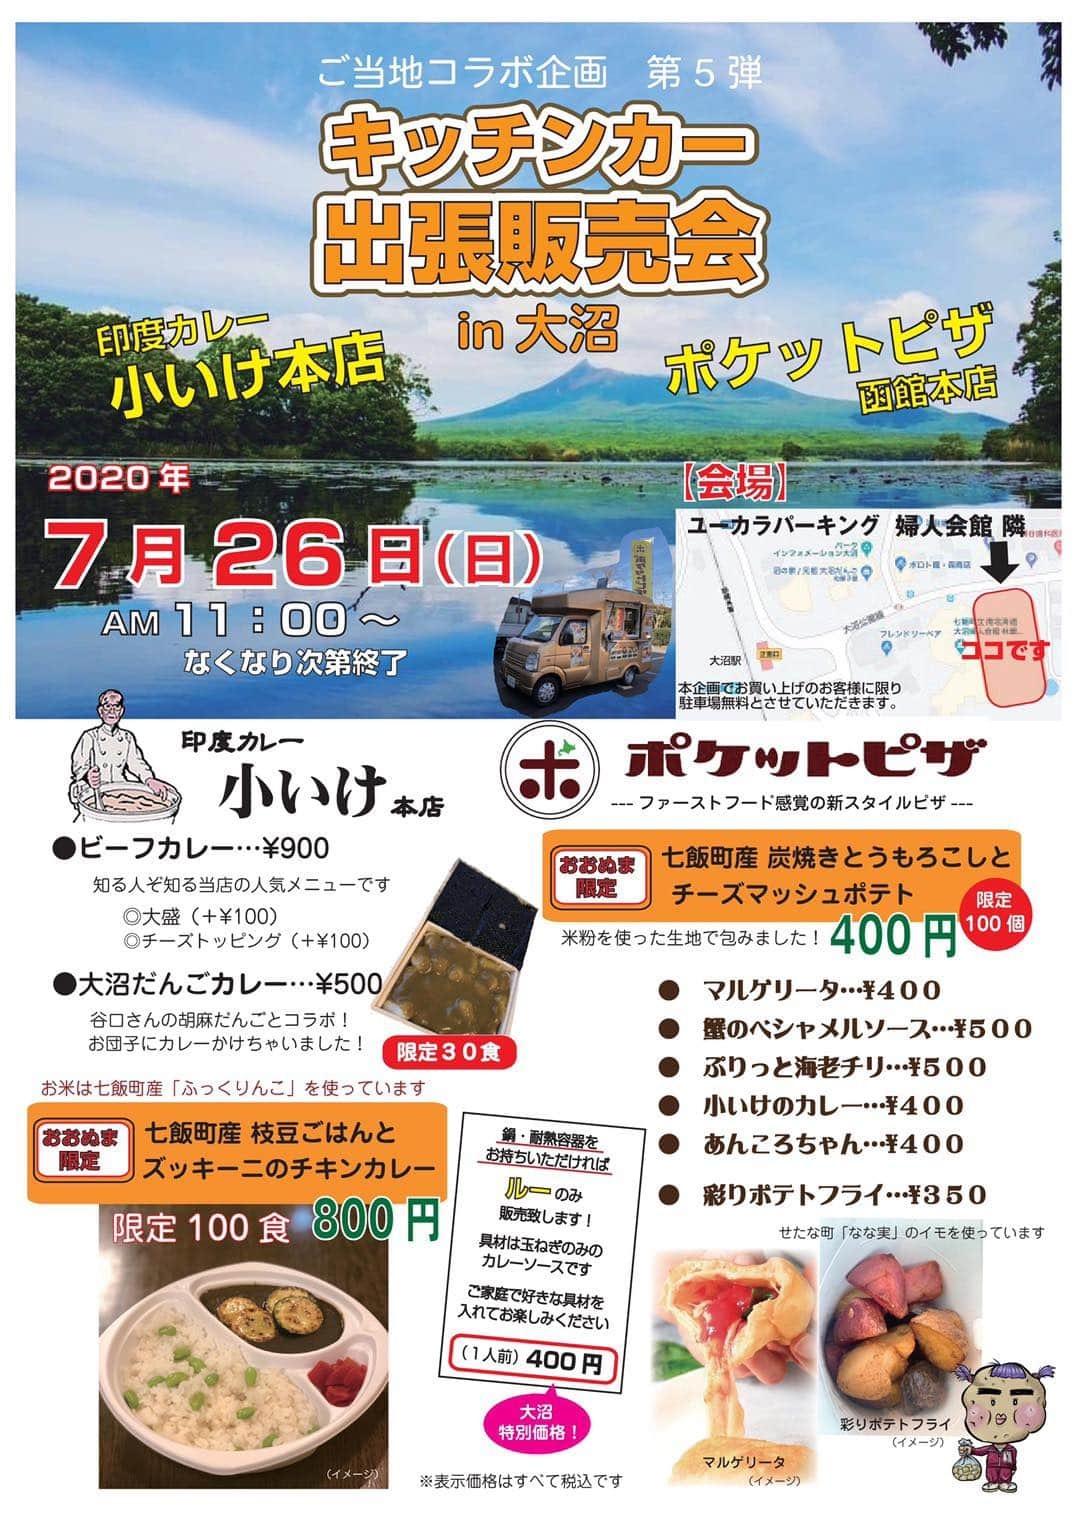 函館老舗「印度カレー小いけ」大沼出張販売会!